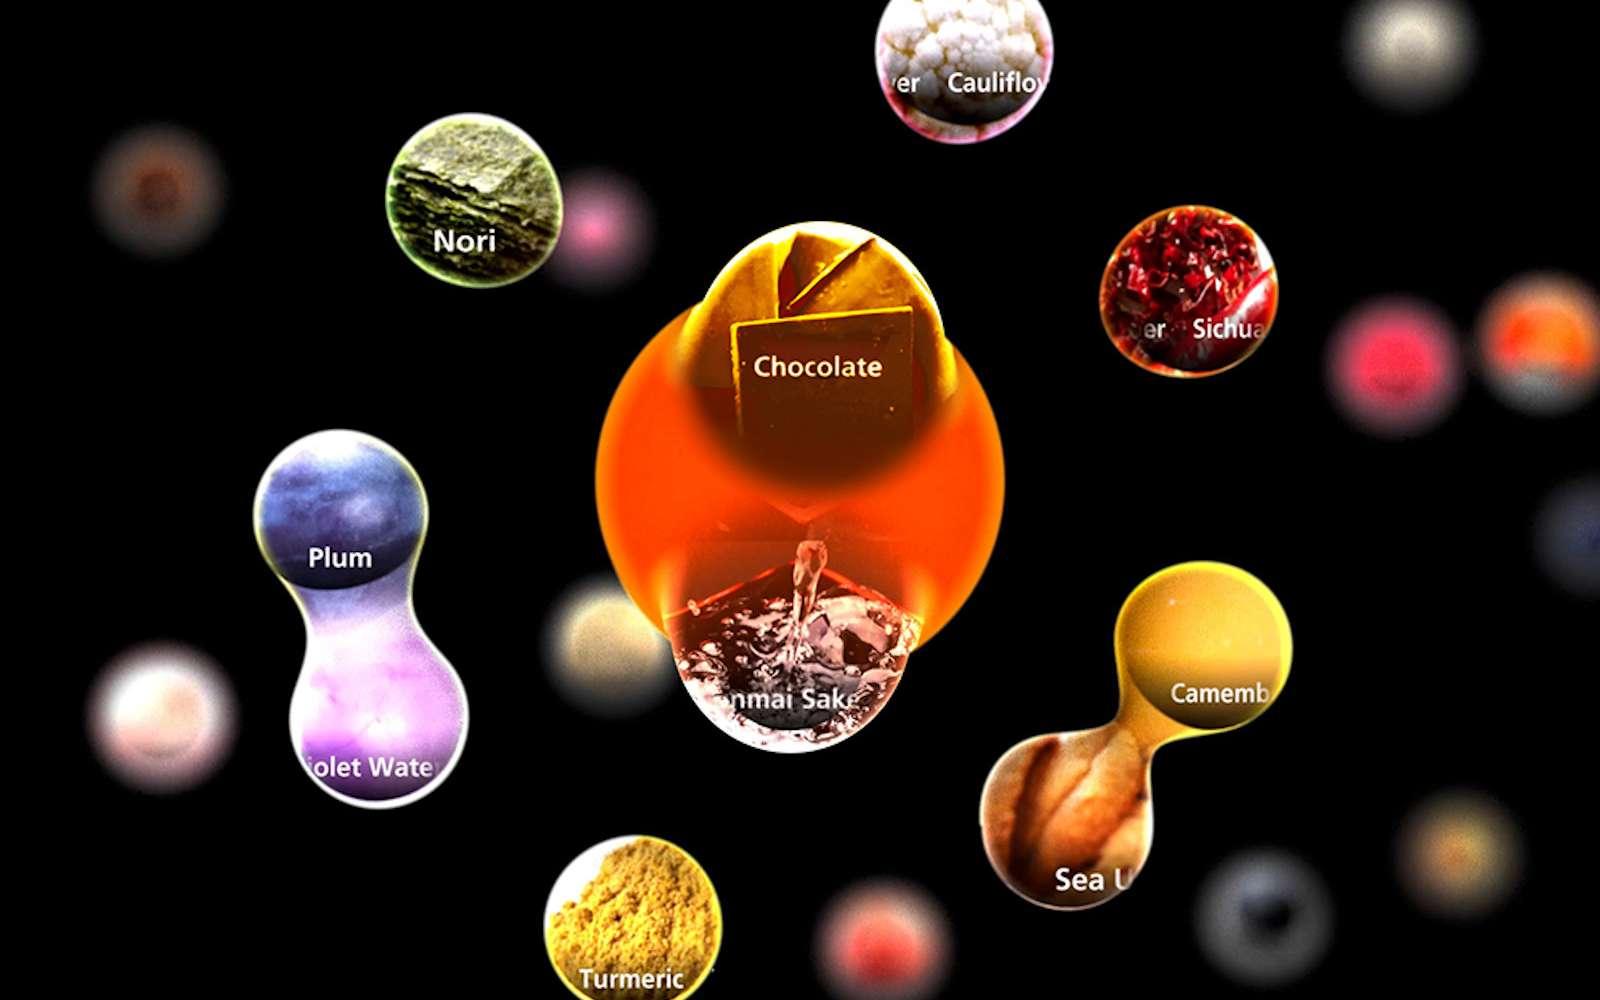 L'IA prendra en compte le goût, l'arôme, la saveur, la structure moléculaire et les nutriments pour associer les aliments et créer ses recettes. © Sony